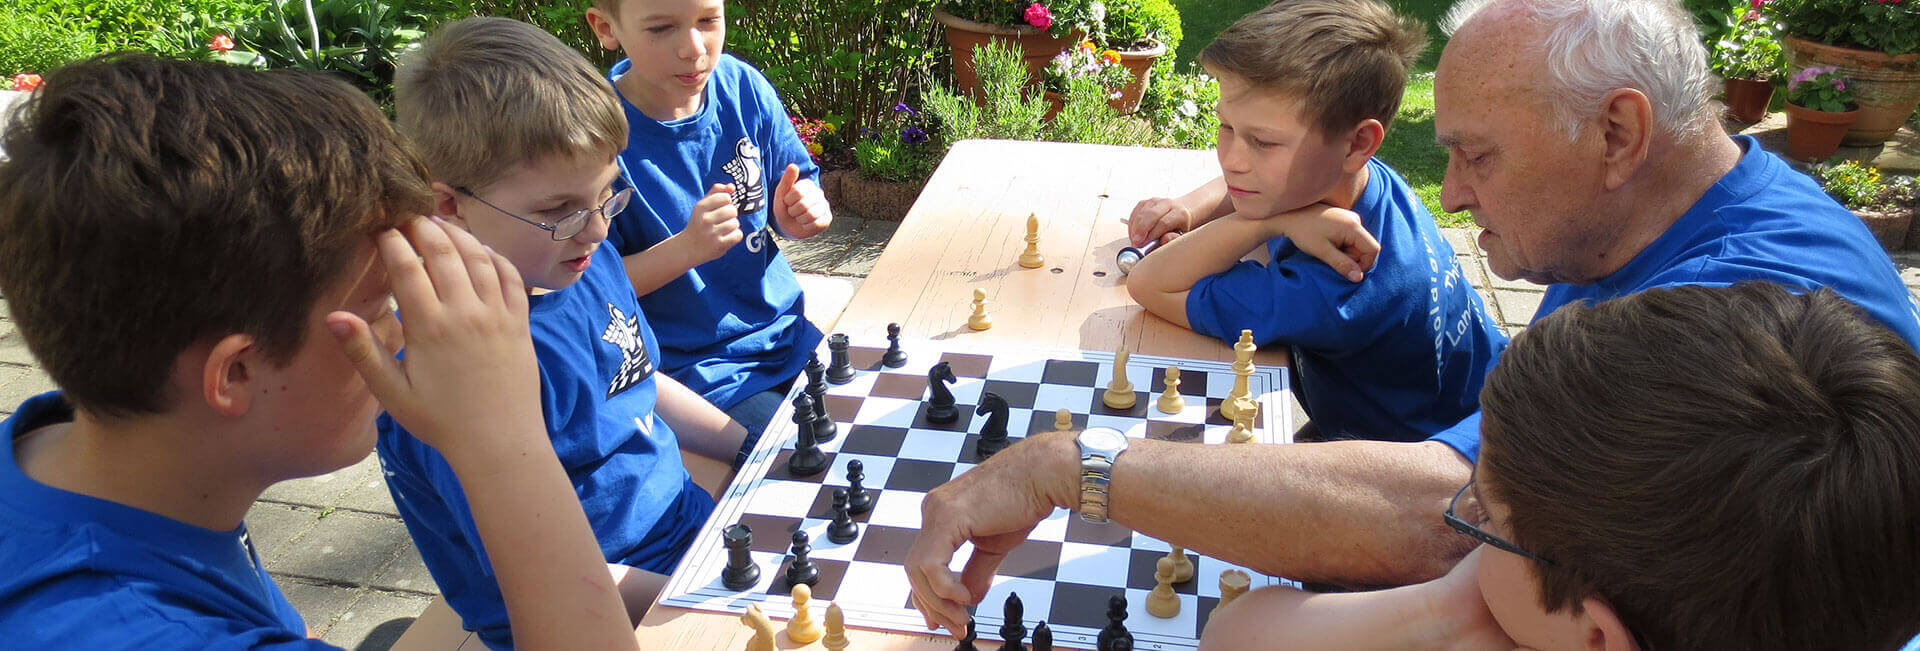 http://schach.arnoldi-gym.de/wp-content/uploads/2016/12/schach-training-header-arnoldi.jpg